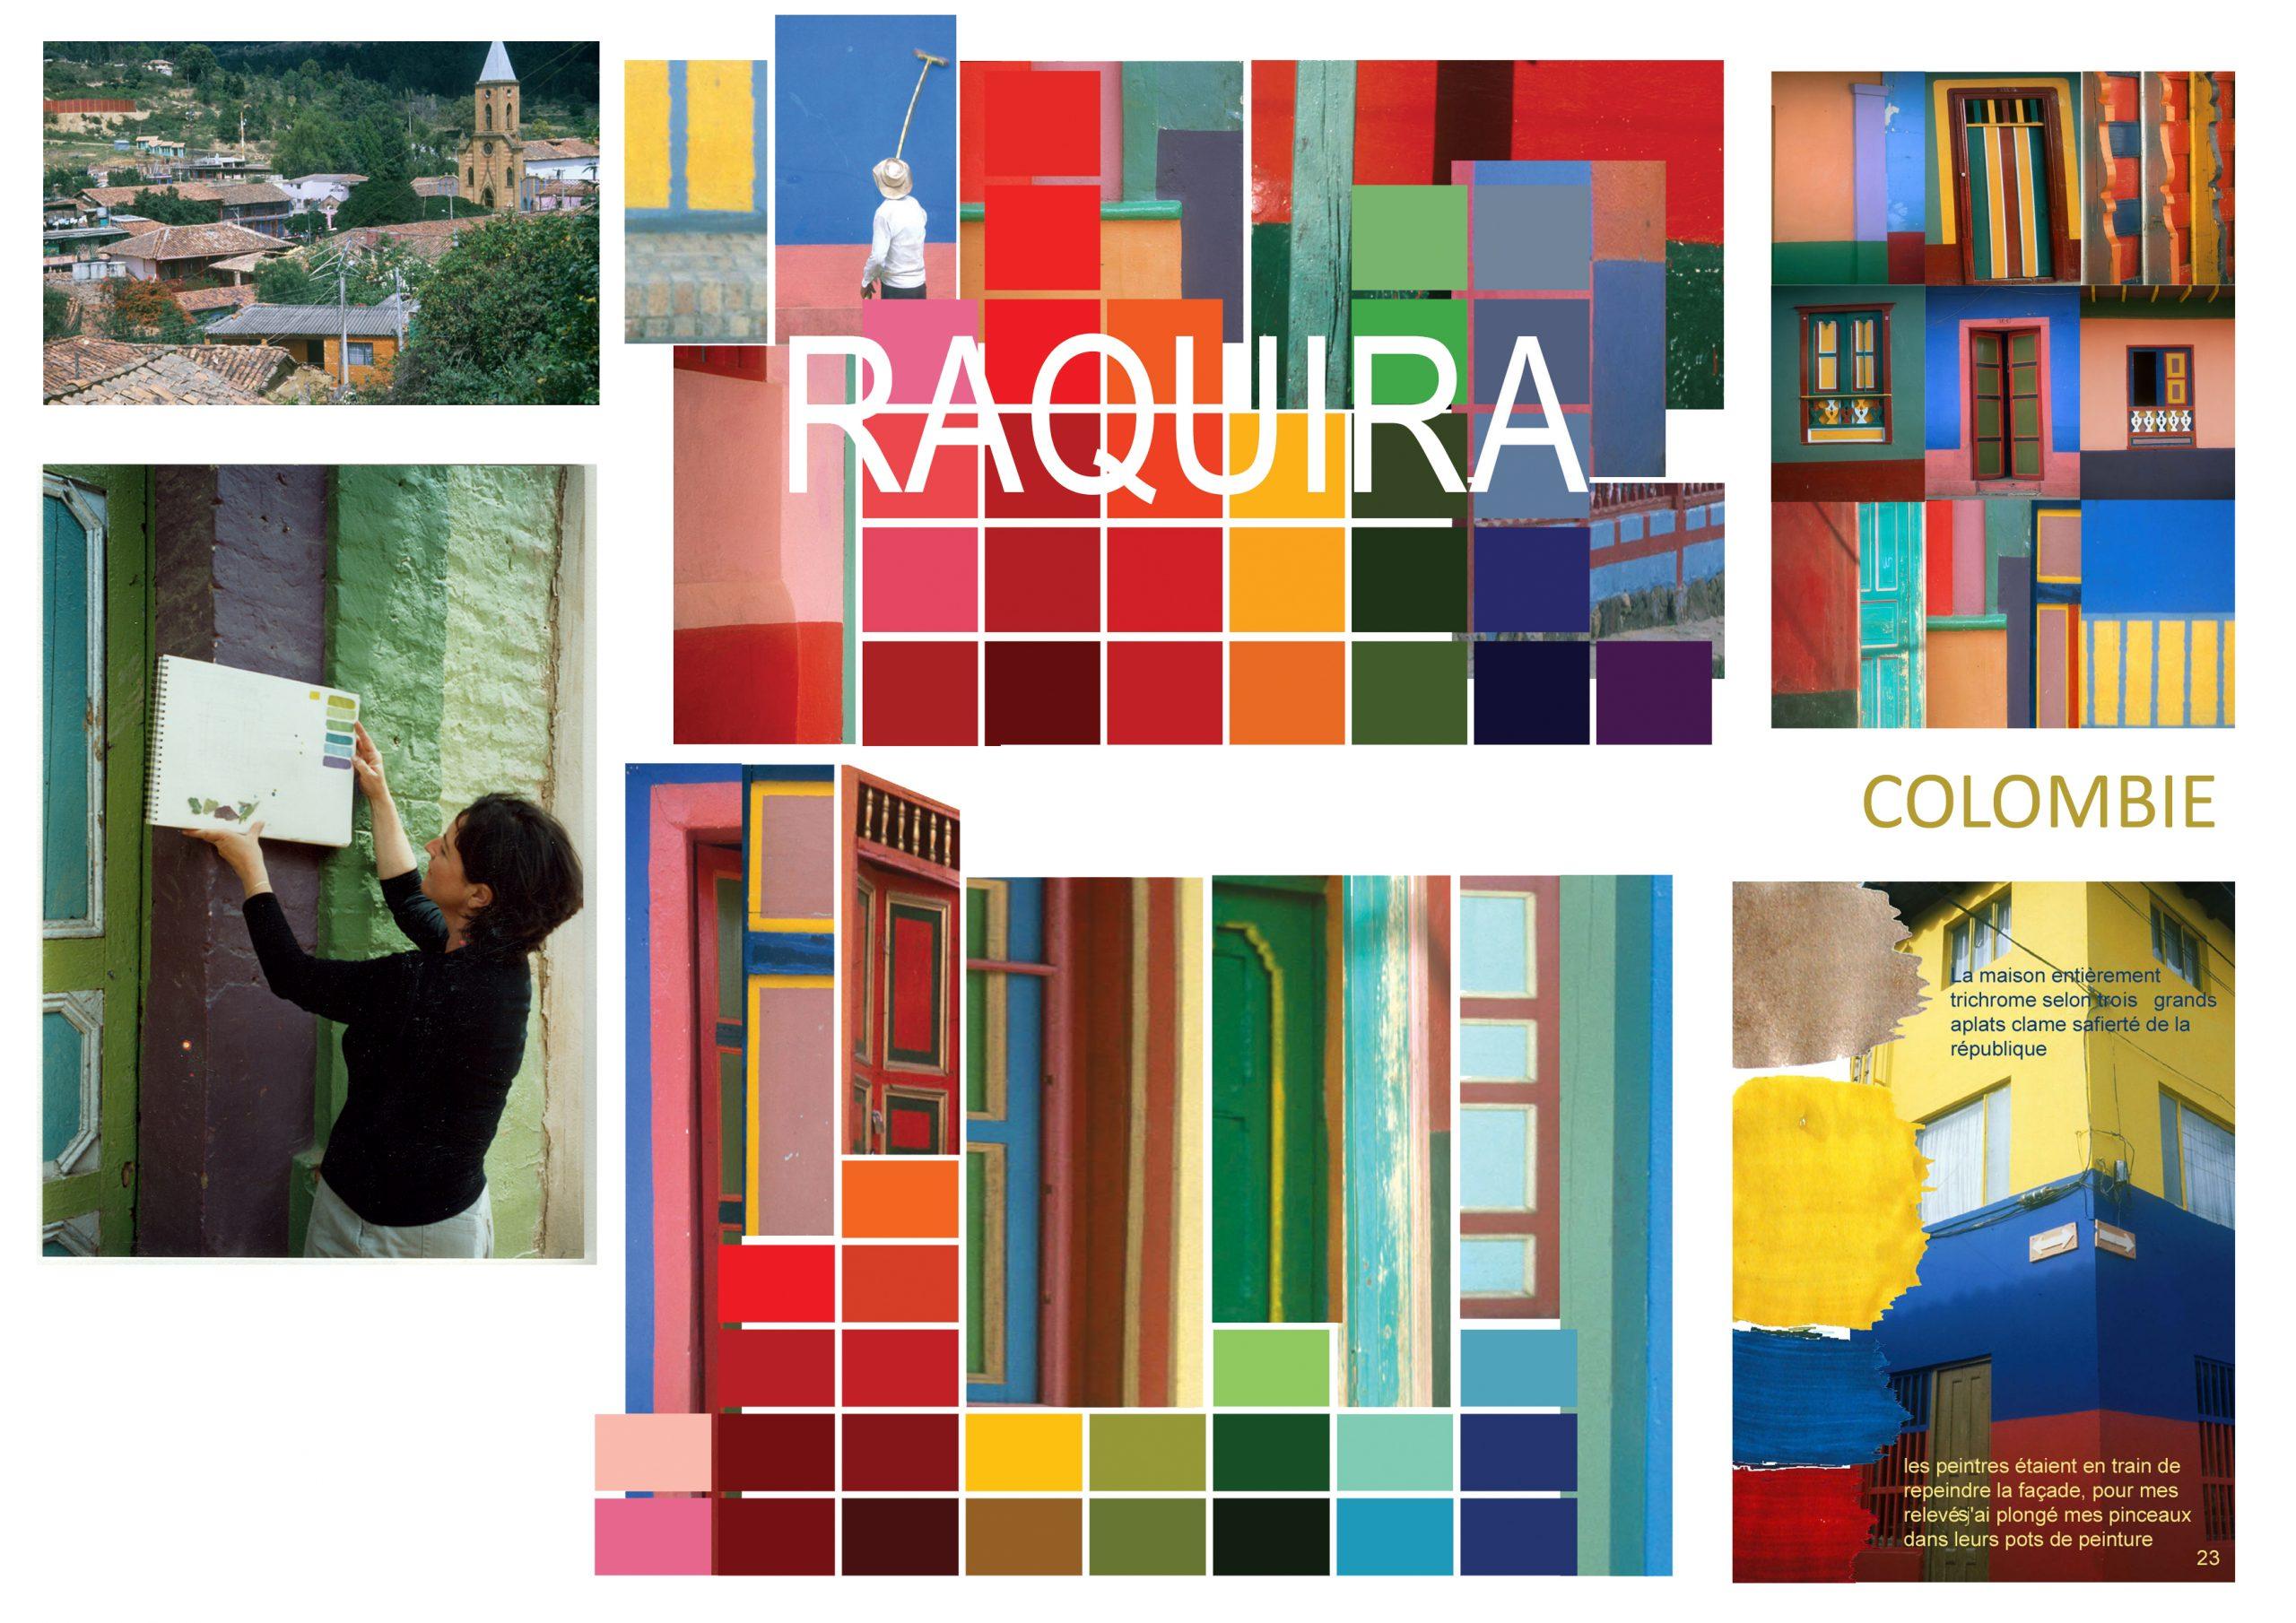 RAQUIRA Colombie-Village aux 134 couleurs-Constat chromatique